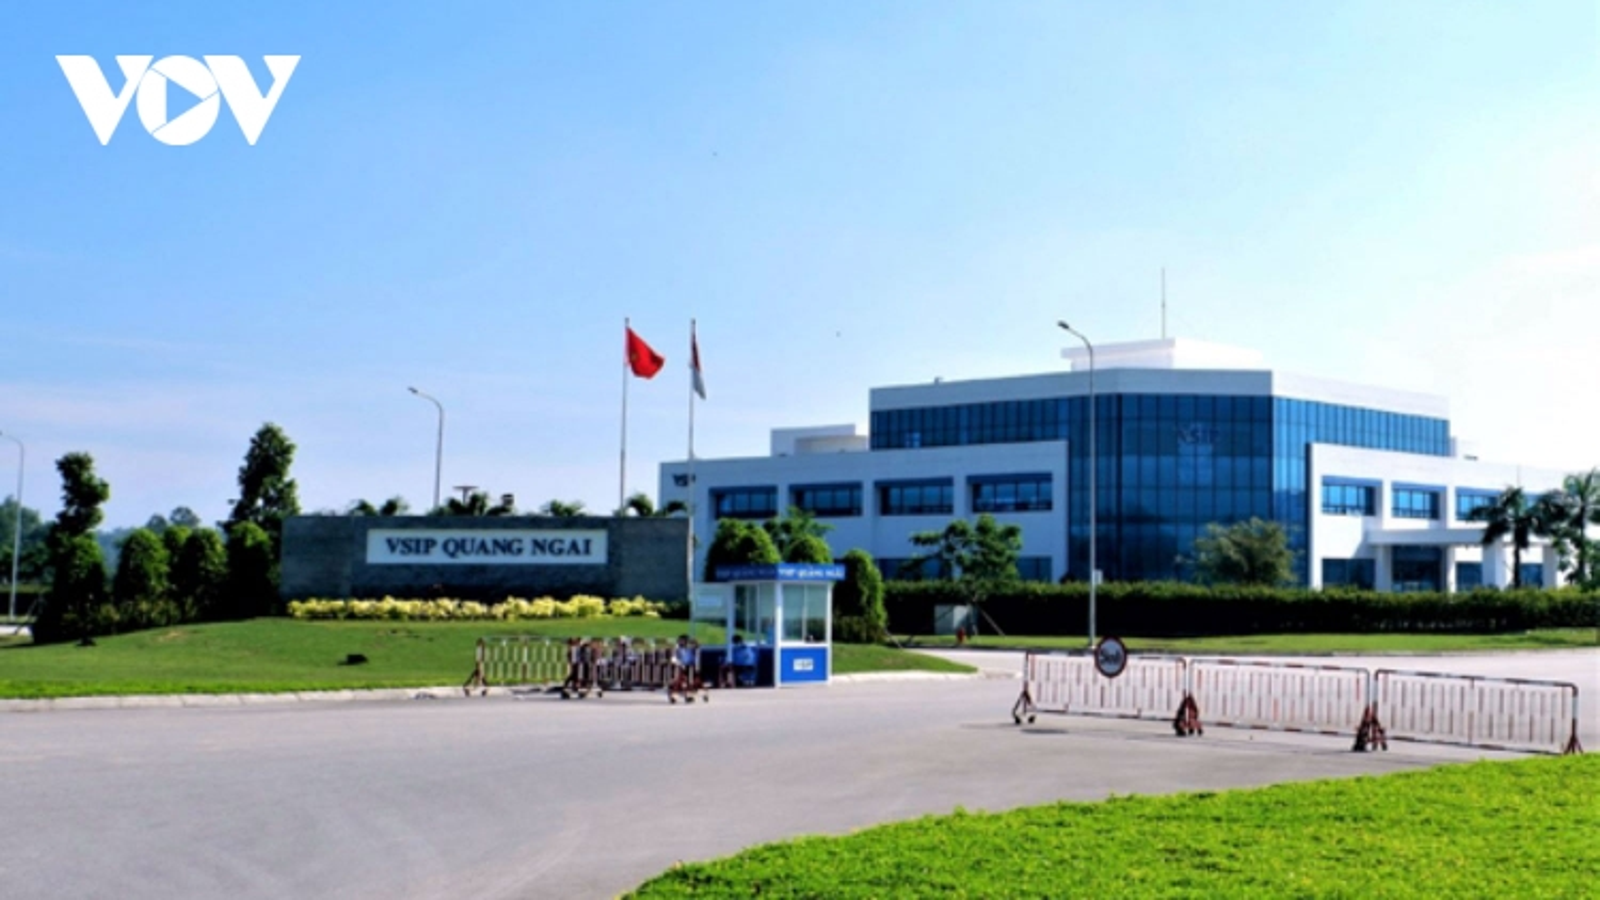 Tăng tốc phát triển công nghiệp Quảng Ngãi: Nghị quyết hợp lòng dân